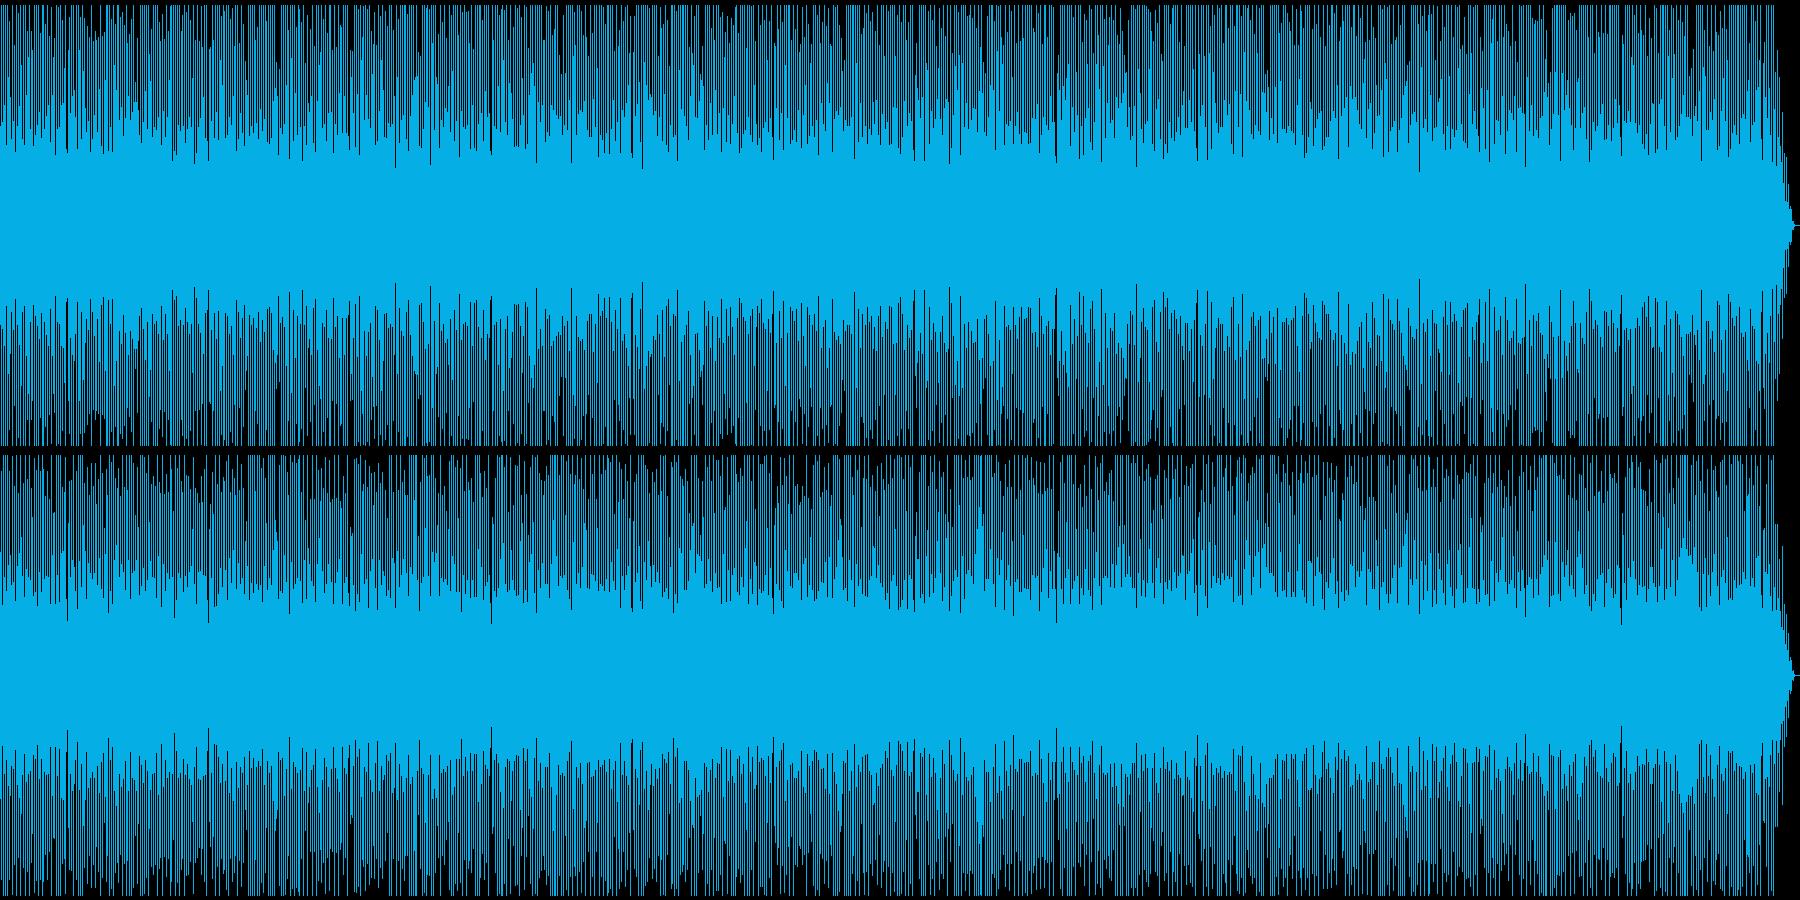 規律正しいリズムが爽やかな曲の再生済みの波形